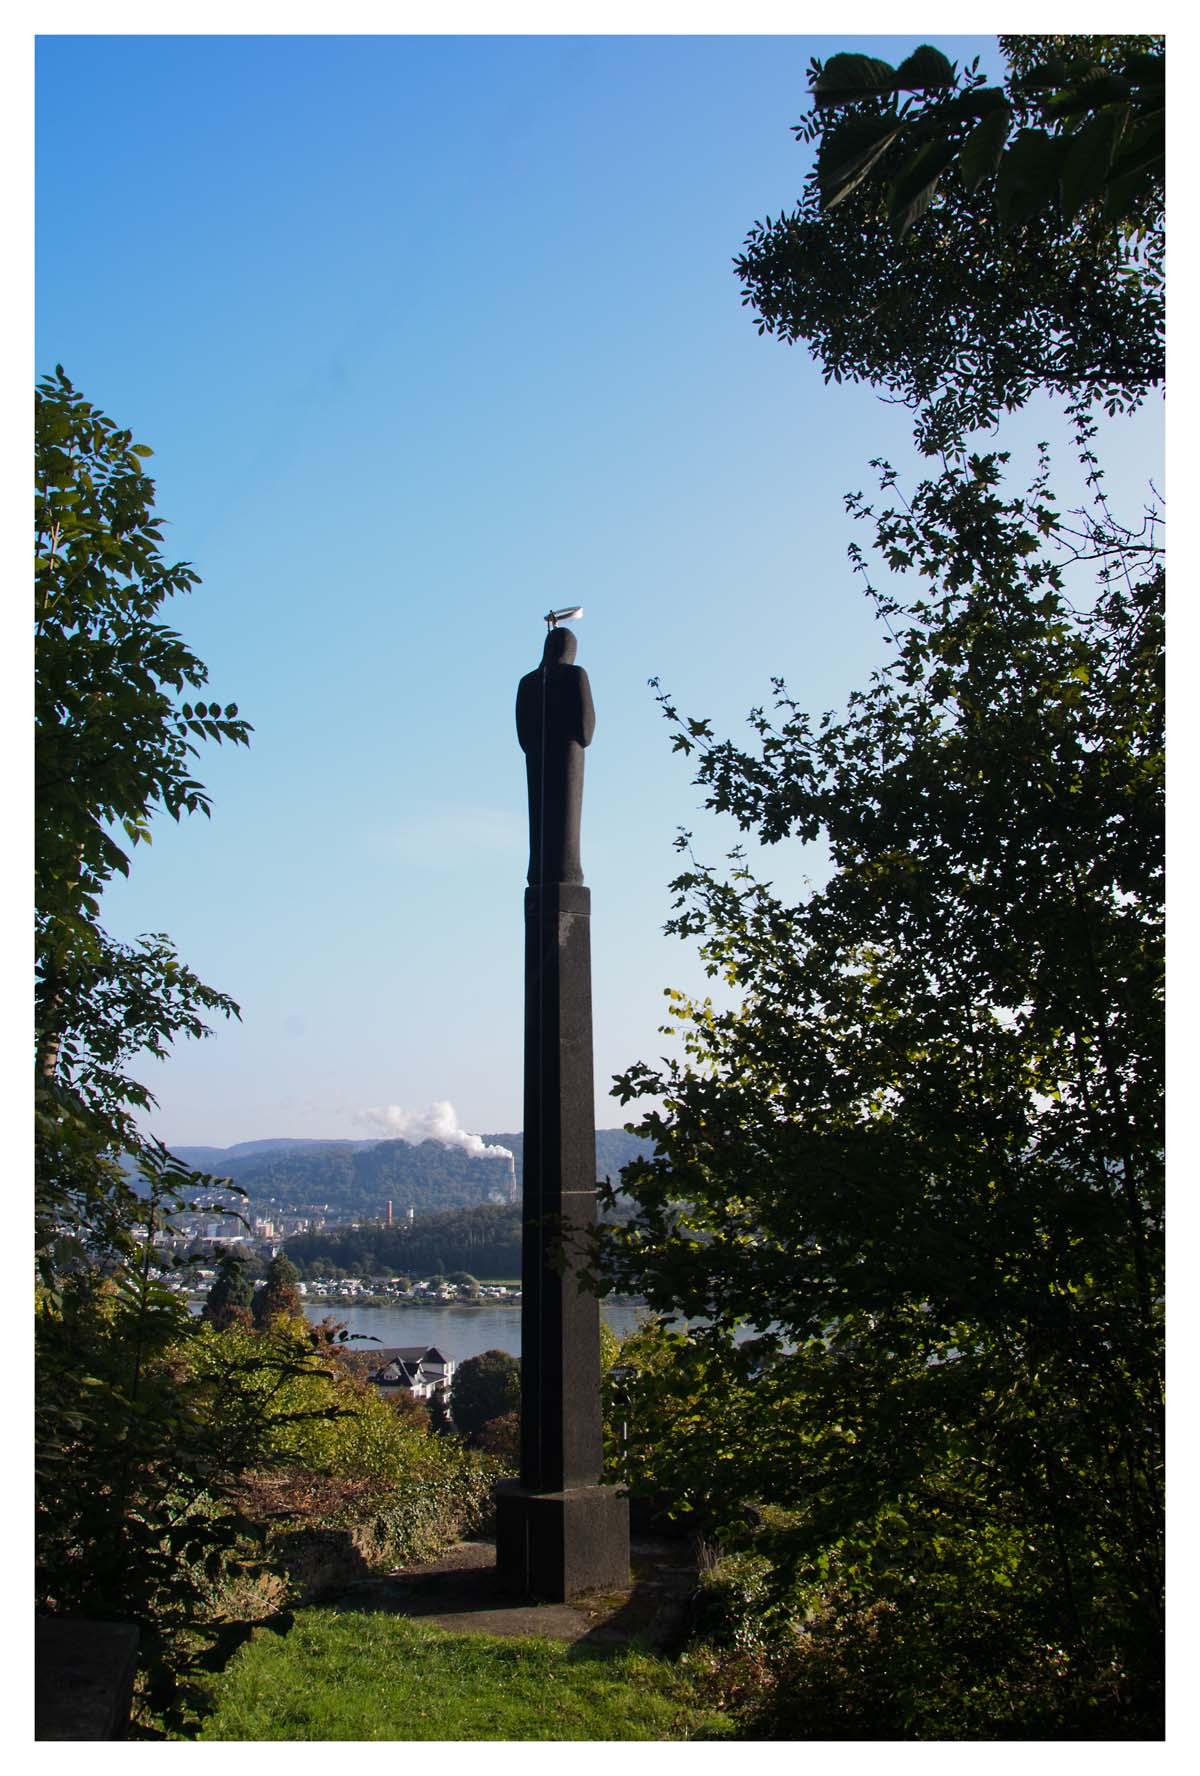 Die Mariensäule Sie wurde 1957 erbaut um dafür zu danken, dass die unterhalb der Säule befindliche Marienquelle wieder sprudelt, die im Krieg durch Bombenabwürfe zugeschüttet wurde.